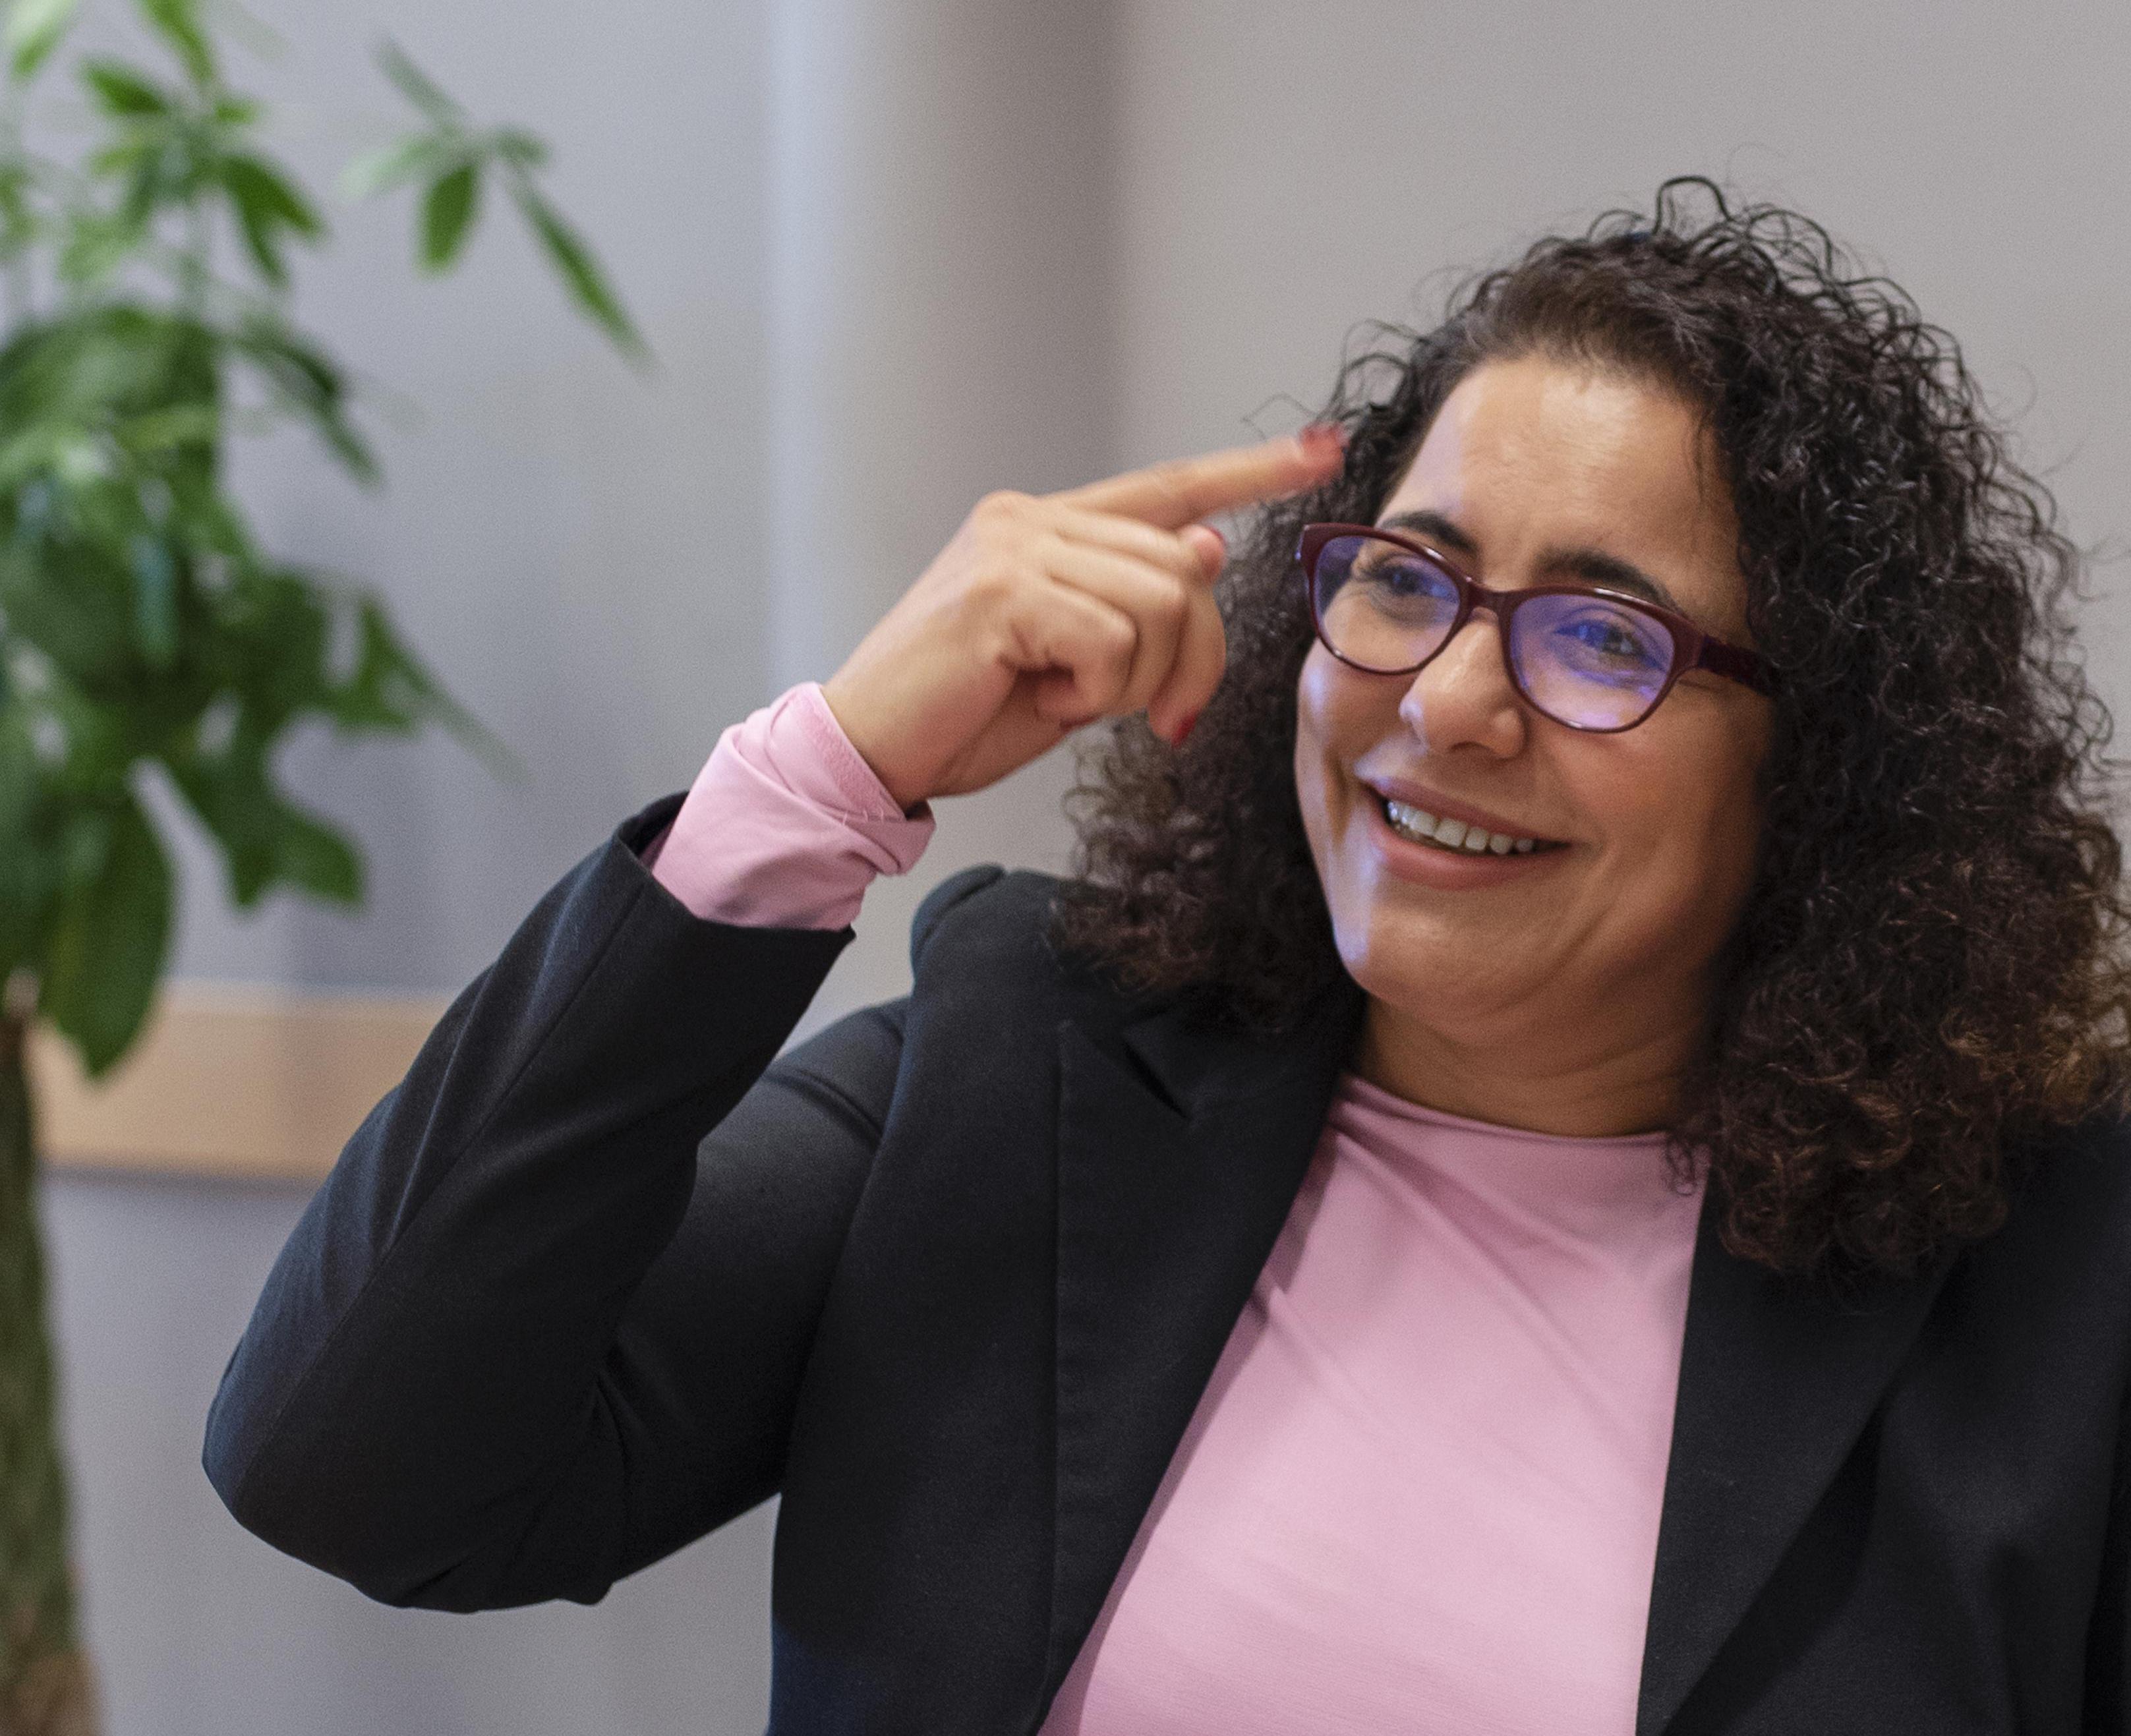 Stichting Welzijn Velsen gaat in gesprek: 'Wat hebben inwoners nodig?', pilot in Velsen-Noord en Zee- en Duinwijk